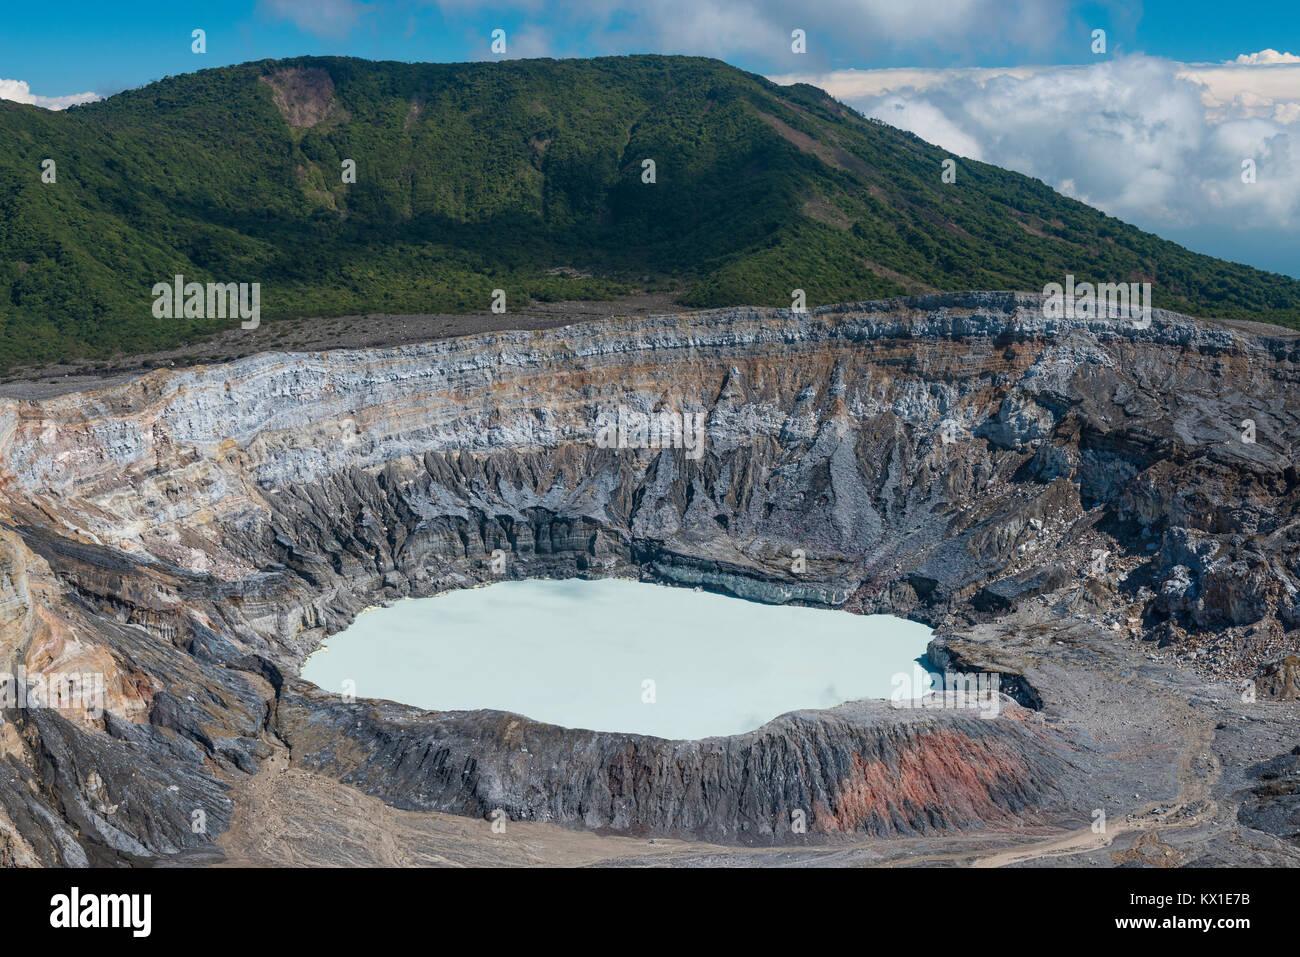 Caldera con il cratere del lago, Vulcano Poas, nel Parco Nazionale del Vulcano Poas, Costa Rica Immagini Stock